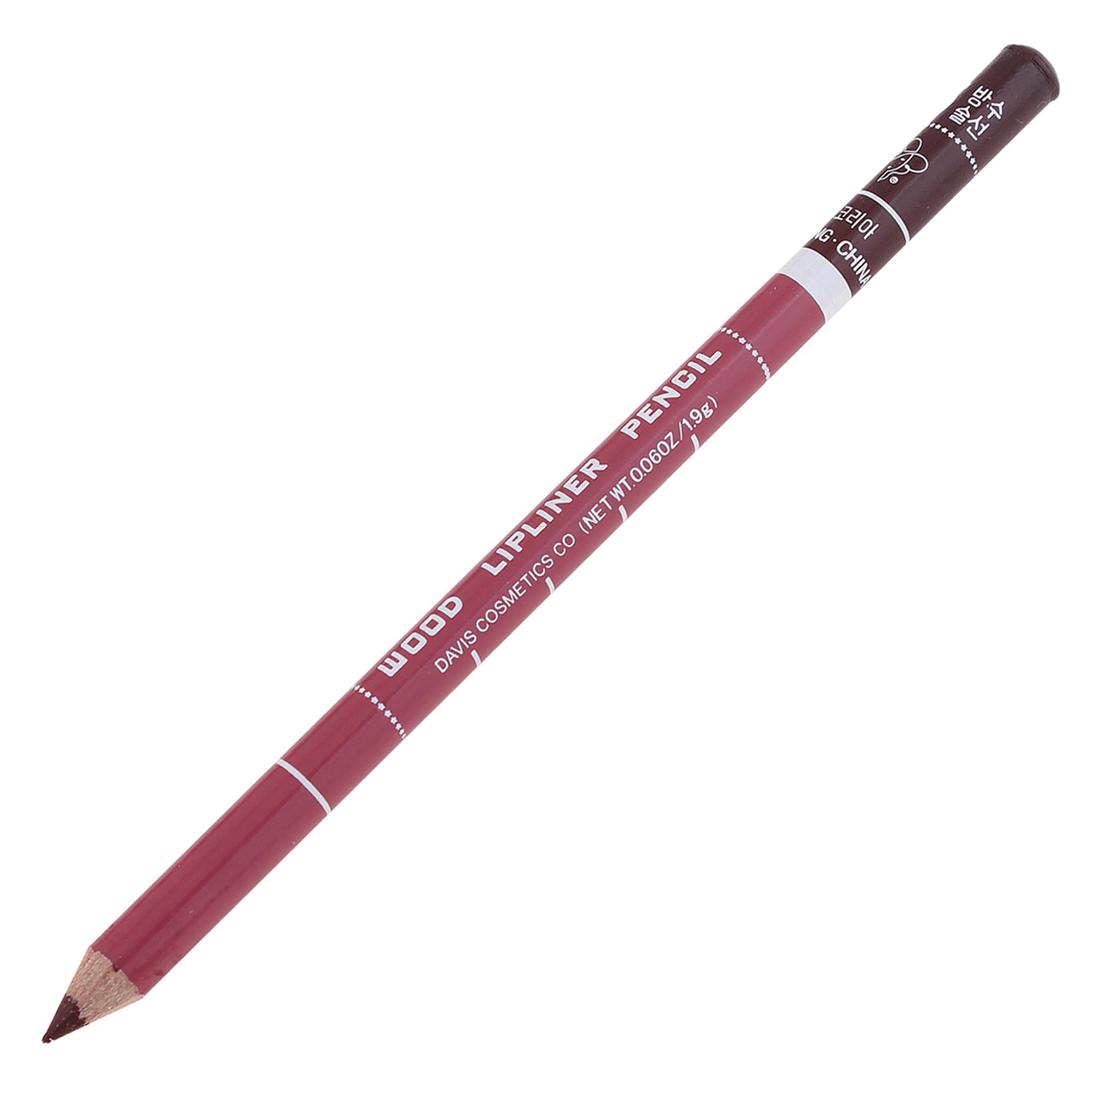 NicerDicer Многой цвет косметические карандаши иллозур контурный карандаш для губ водоустойчивый